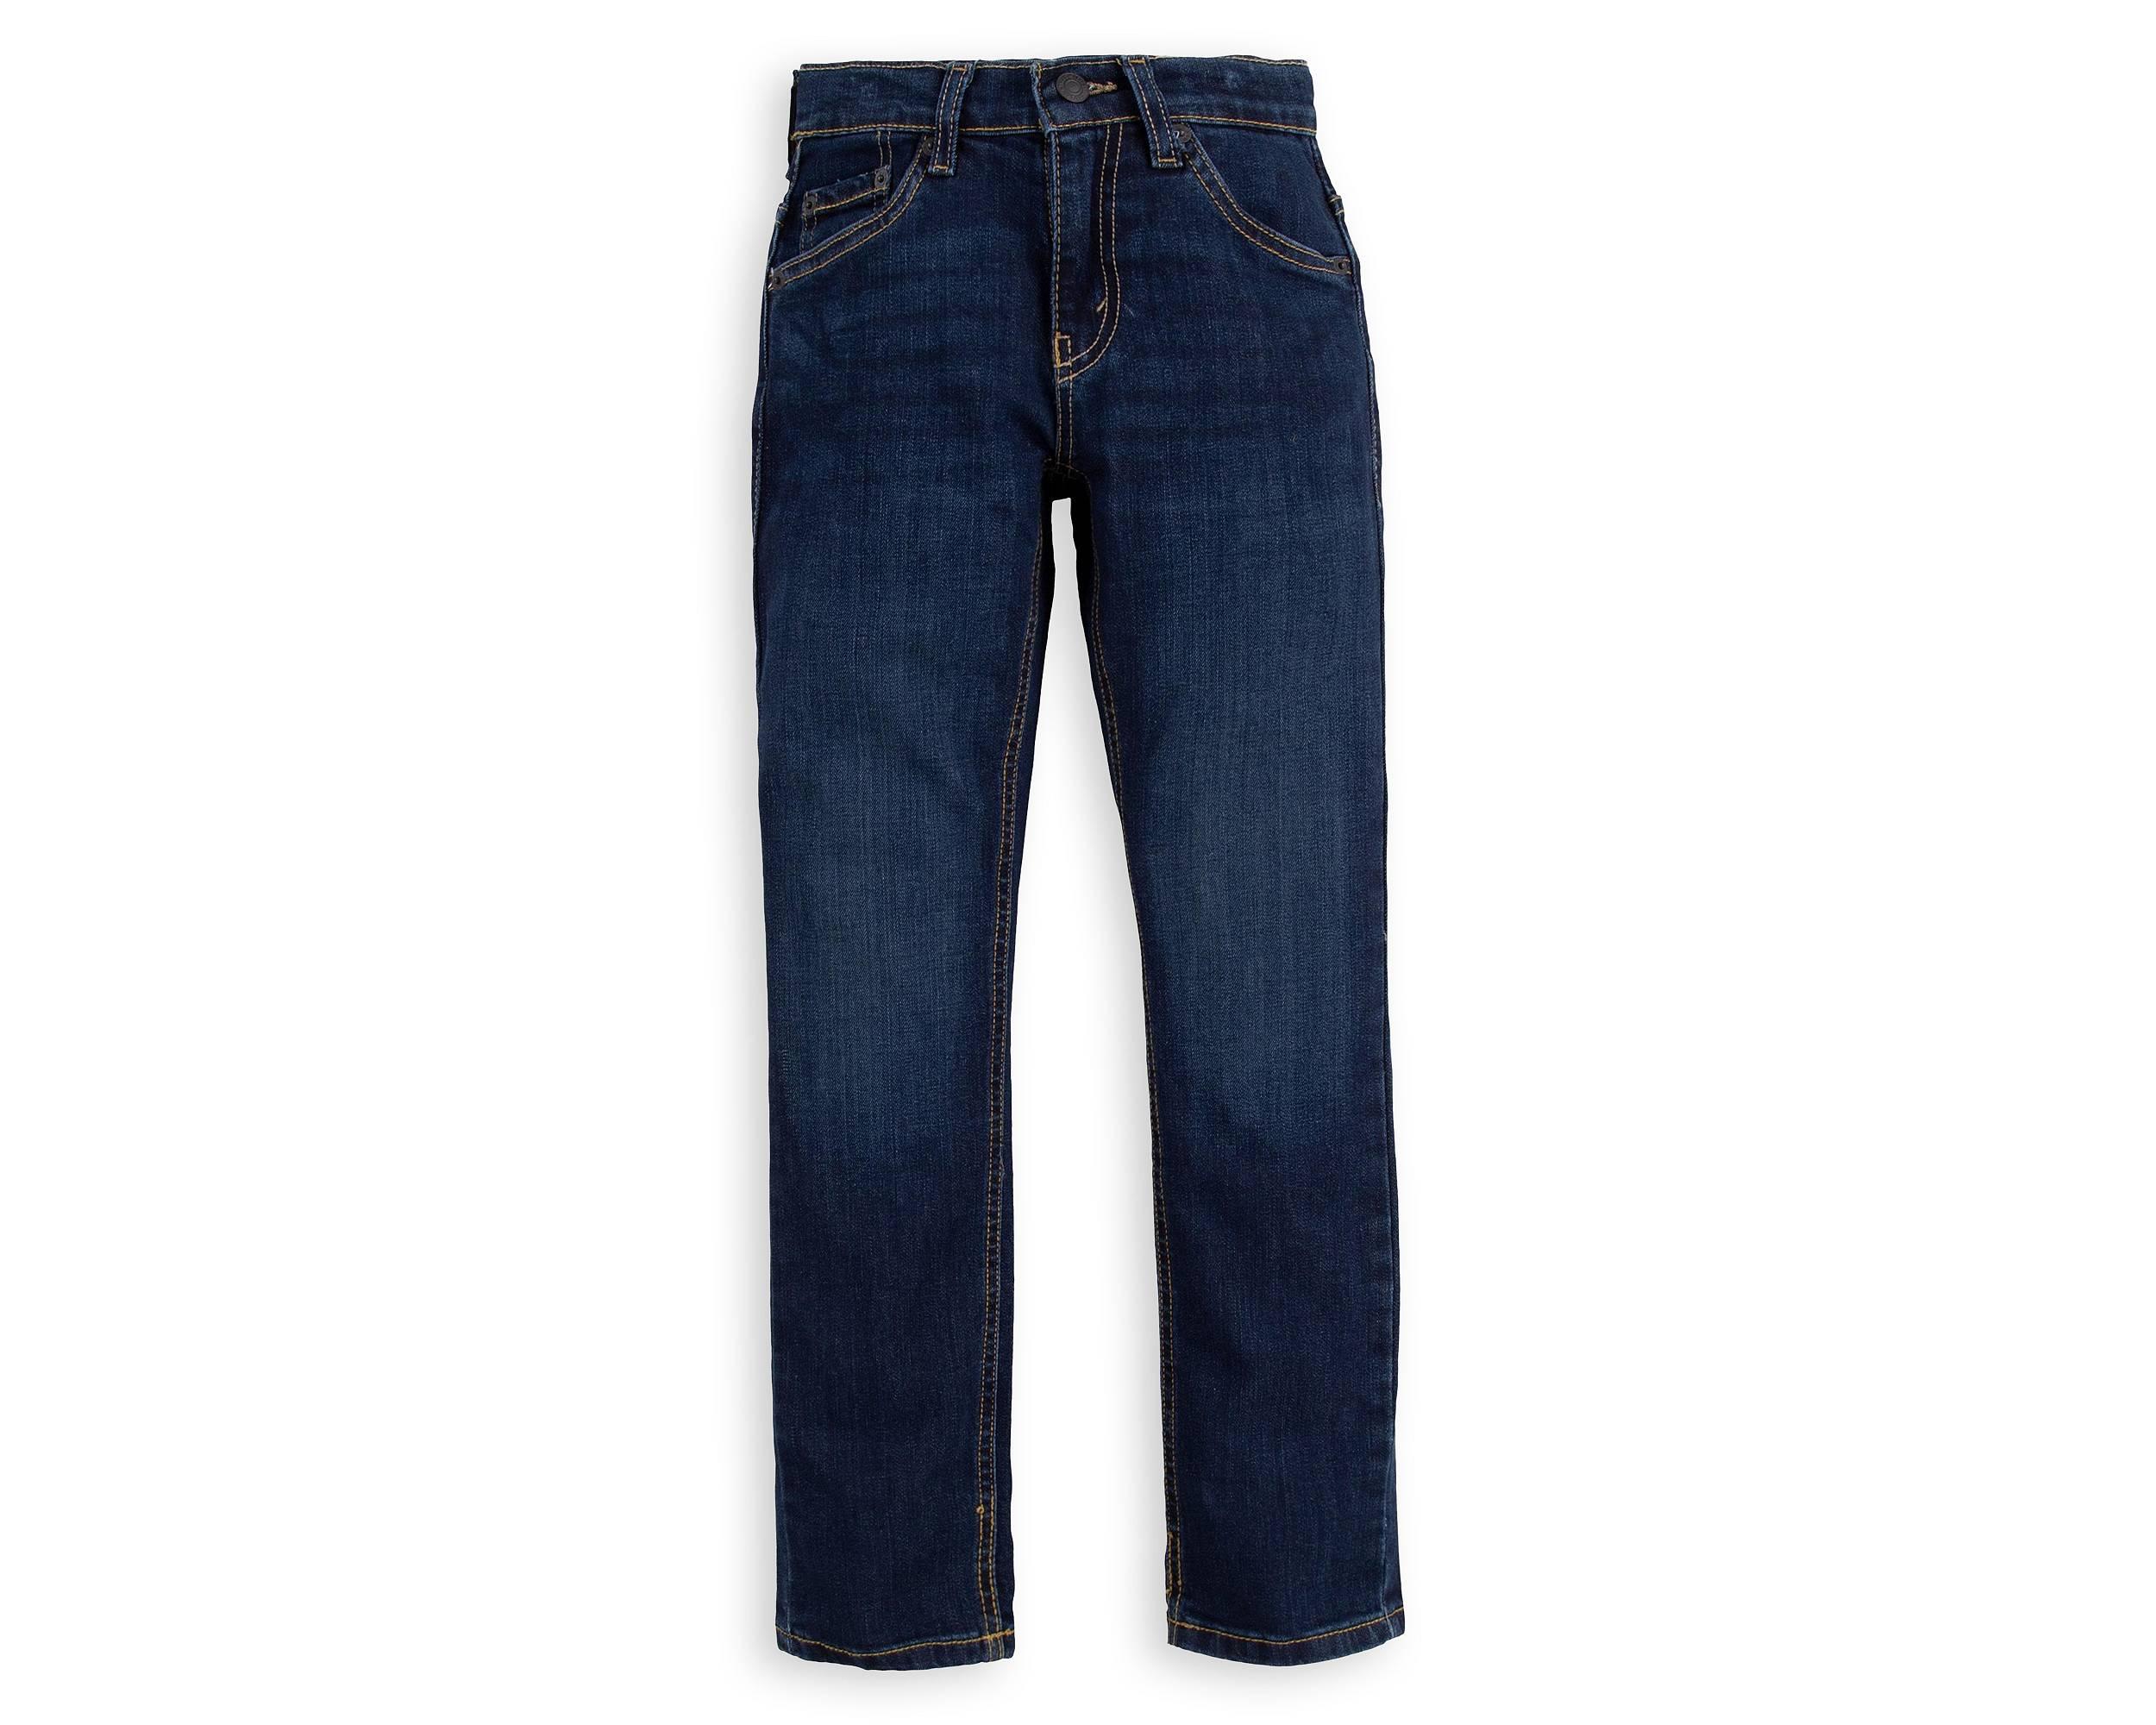 light wash skinny jeans h m super jeans in dieser saison. Black Bedroom Furniture Sets. Home Design Ideas